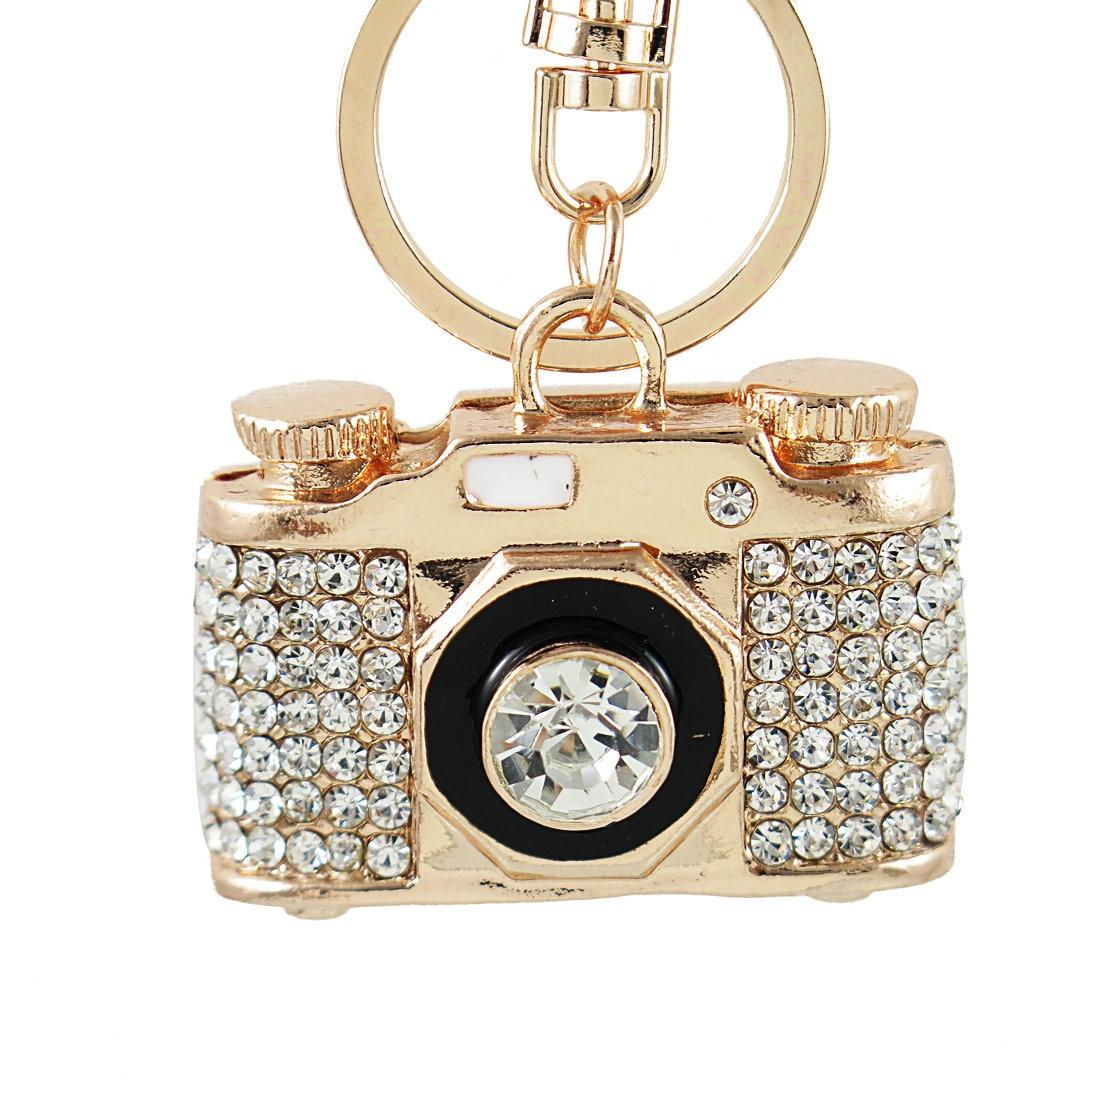 Мини-брелоки в форме фотокамеры со стразами, держатель для кольца из сплава, брелоки для автомобиля, женские брелоки, Сумка с подвеской в подарок